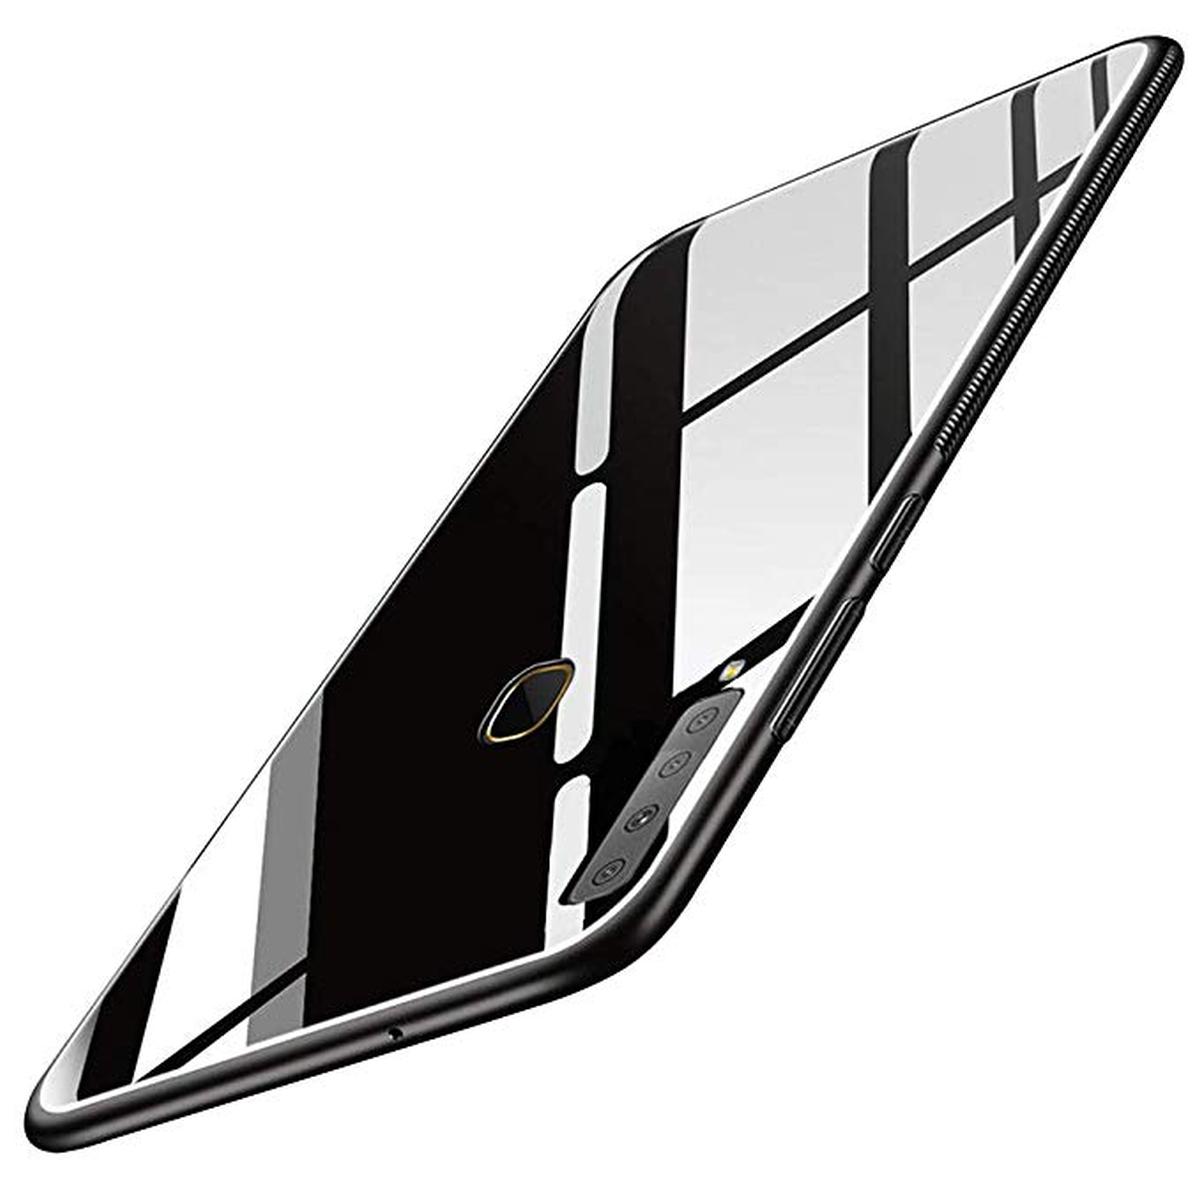 Samsung Galaxy A9 hybrid case